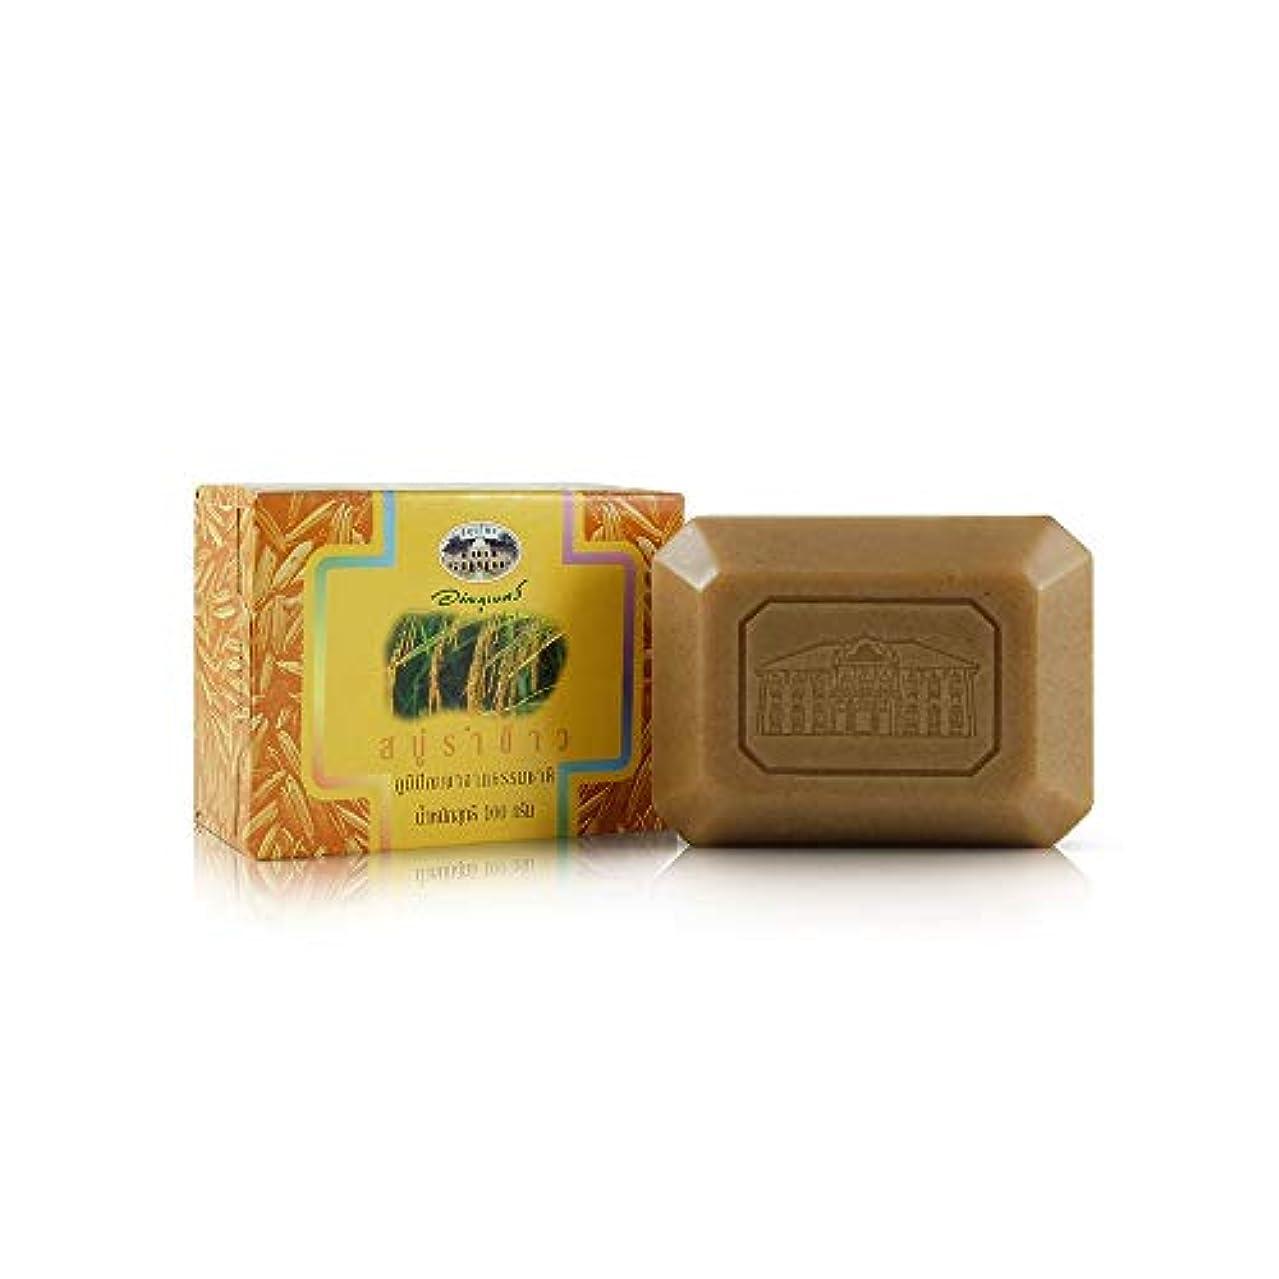 疑問を超えてコーナー玉ねぎAbhaibhubejhr Rice Bran Herbal Body Cleansing Soap 100g. Abhaibhubejhrライスブランハーブボディクレンジングソープ100グラム。